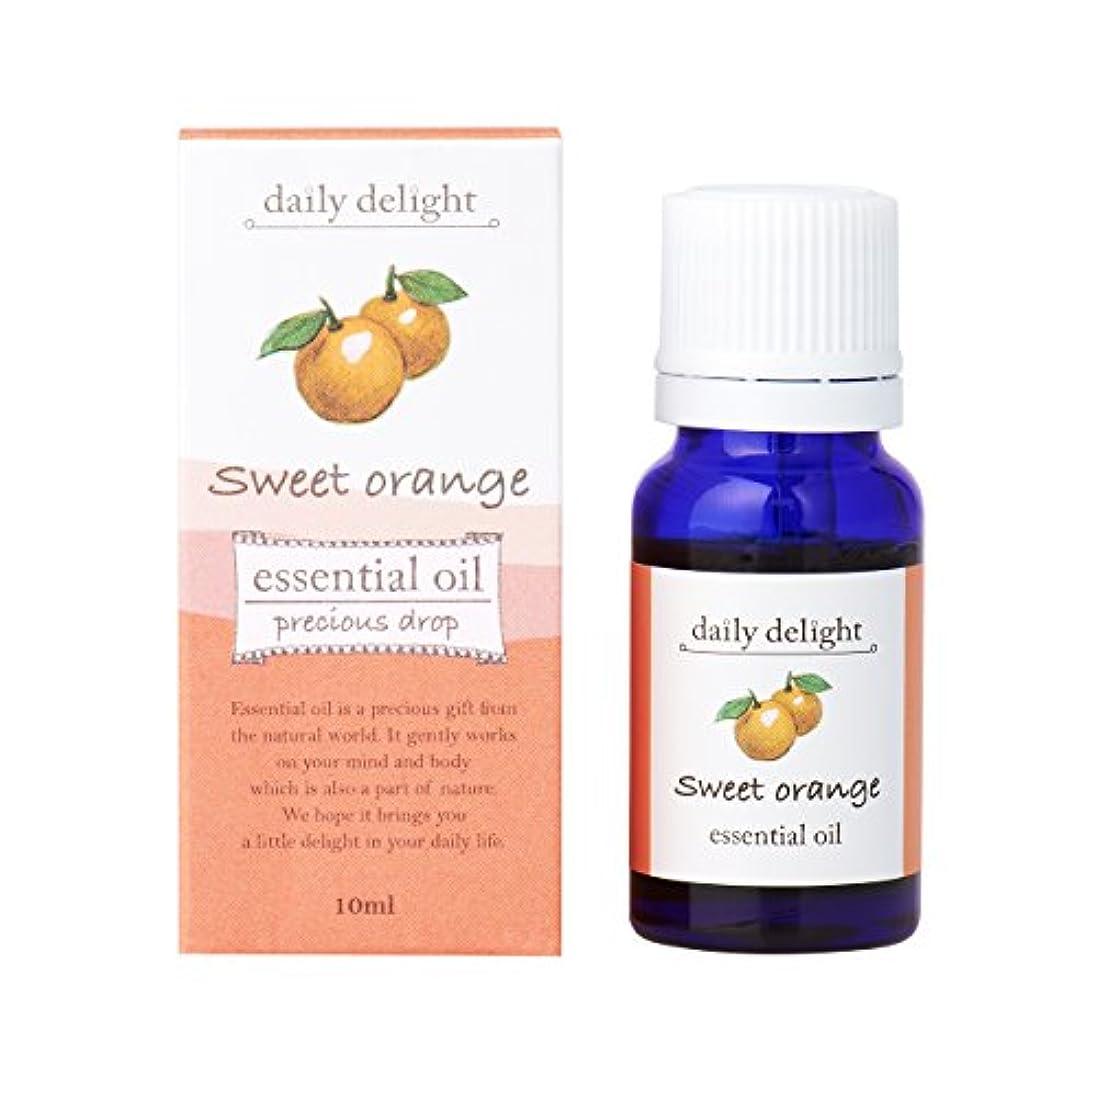 文明化取り付け瞳デイリーディライト エッセンシャルオイル  スイートオレンジ 10ml(天然100% 精油 アロマ 柑橘系 フルーティで甘く爽やかな香り)